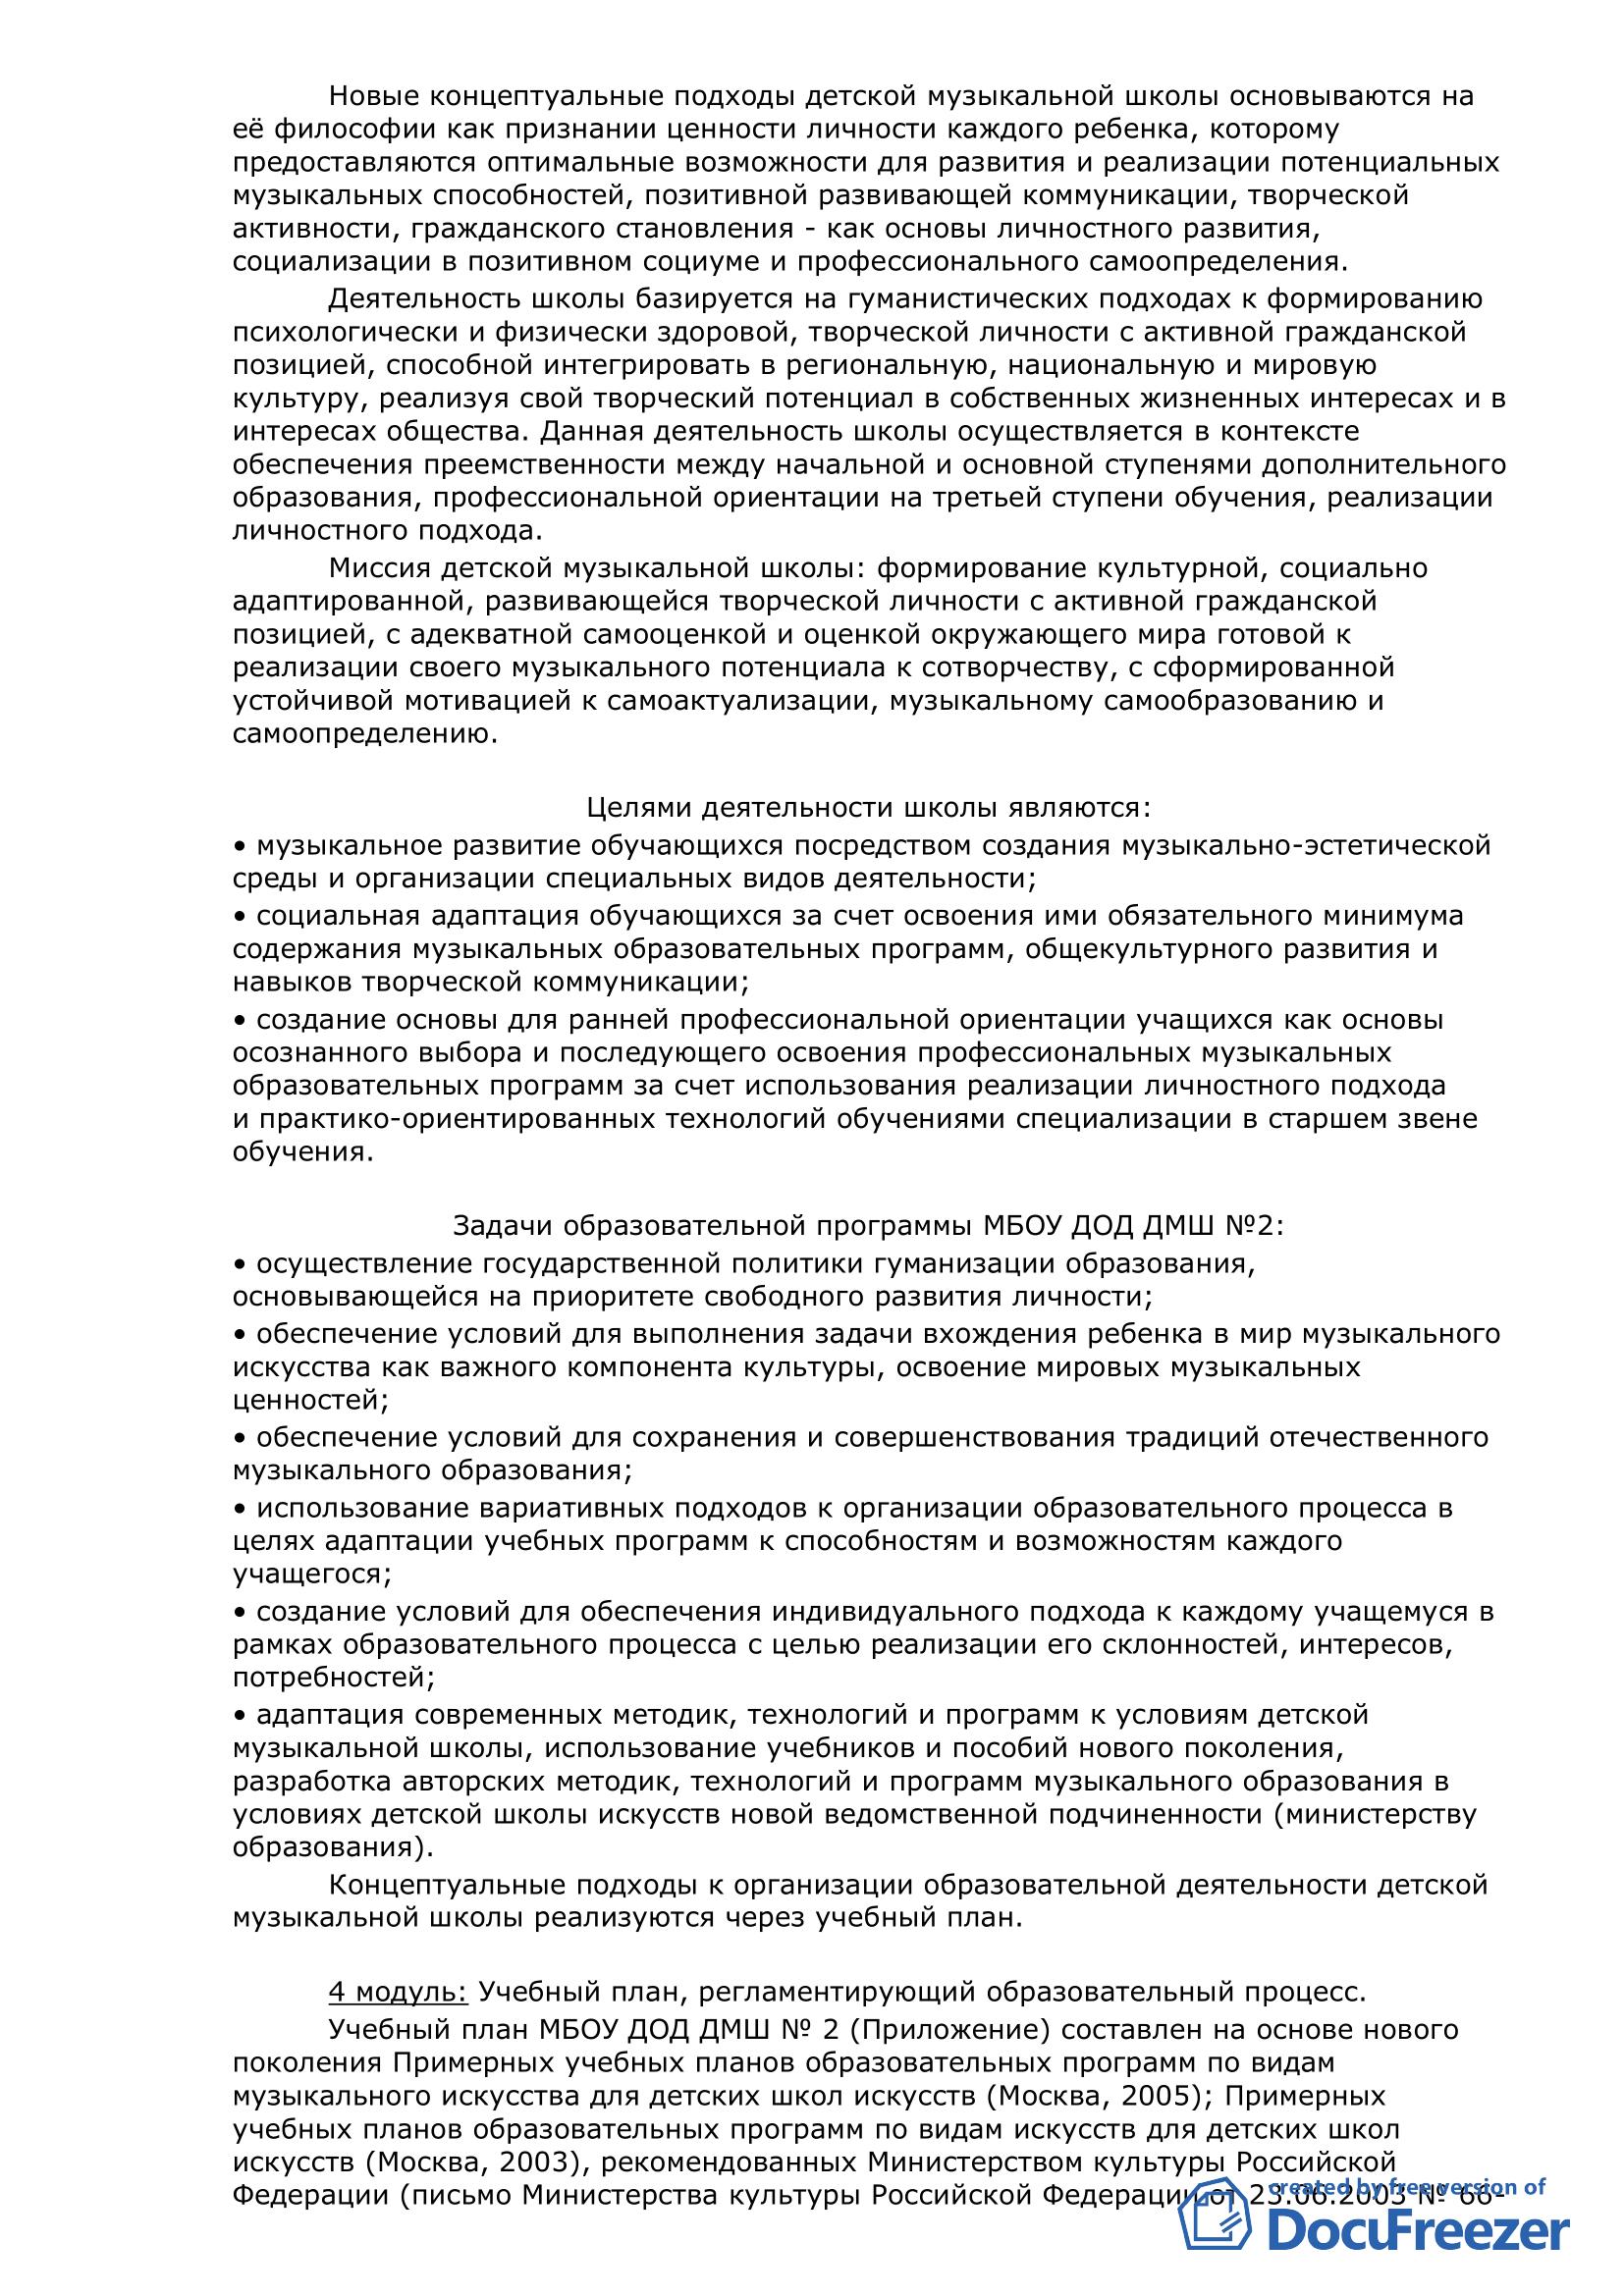 Образовательная программа ДМШ №2_4